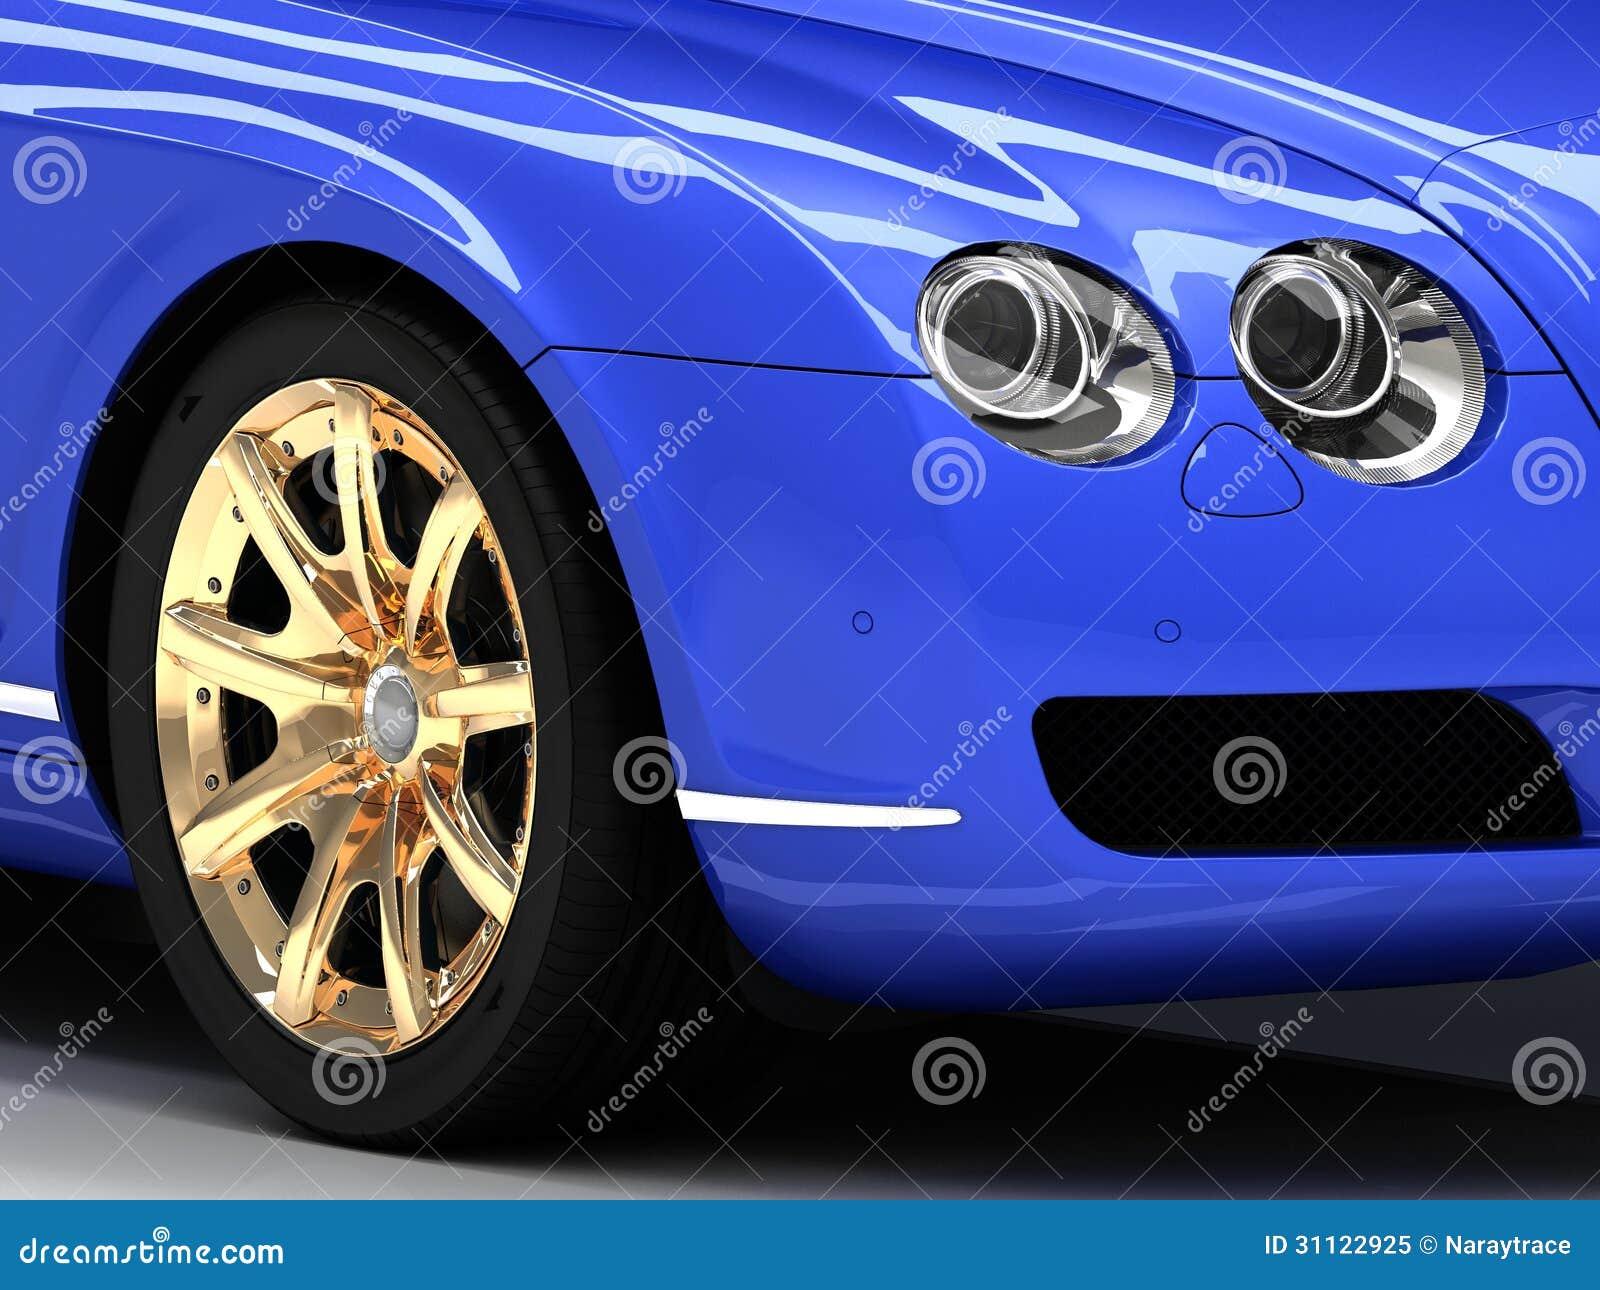 voiture bleue de la meilleure qualit avec des roues d 39 or photo libre de droits image 31122925. Black Bedroom Furniture Sets. Home Design Ideas